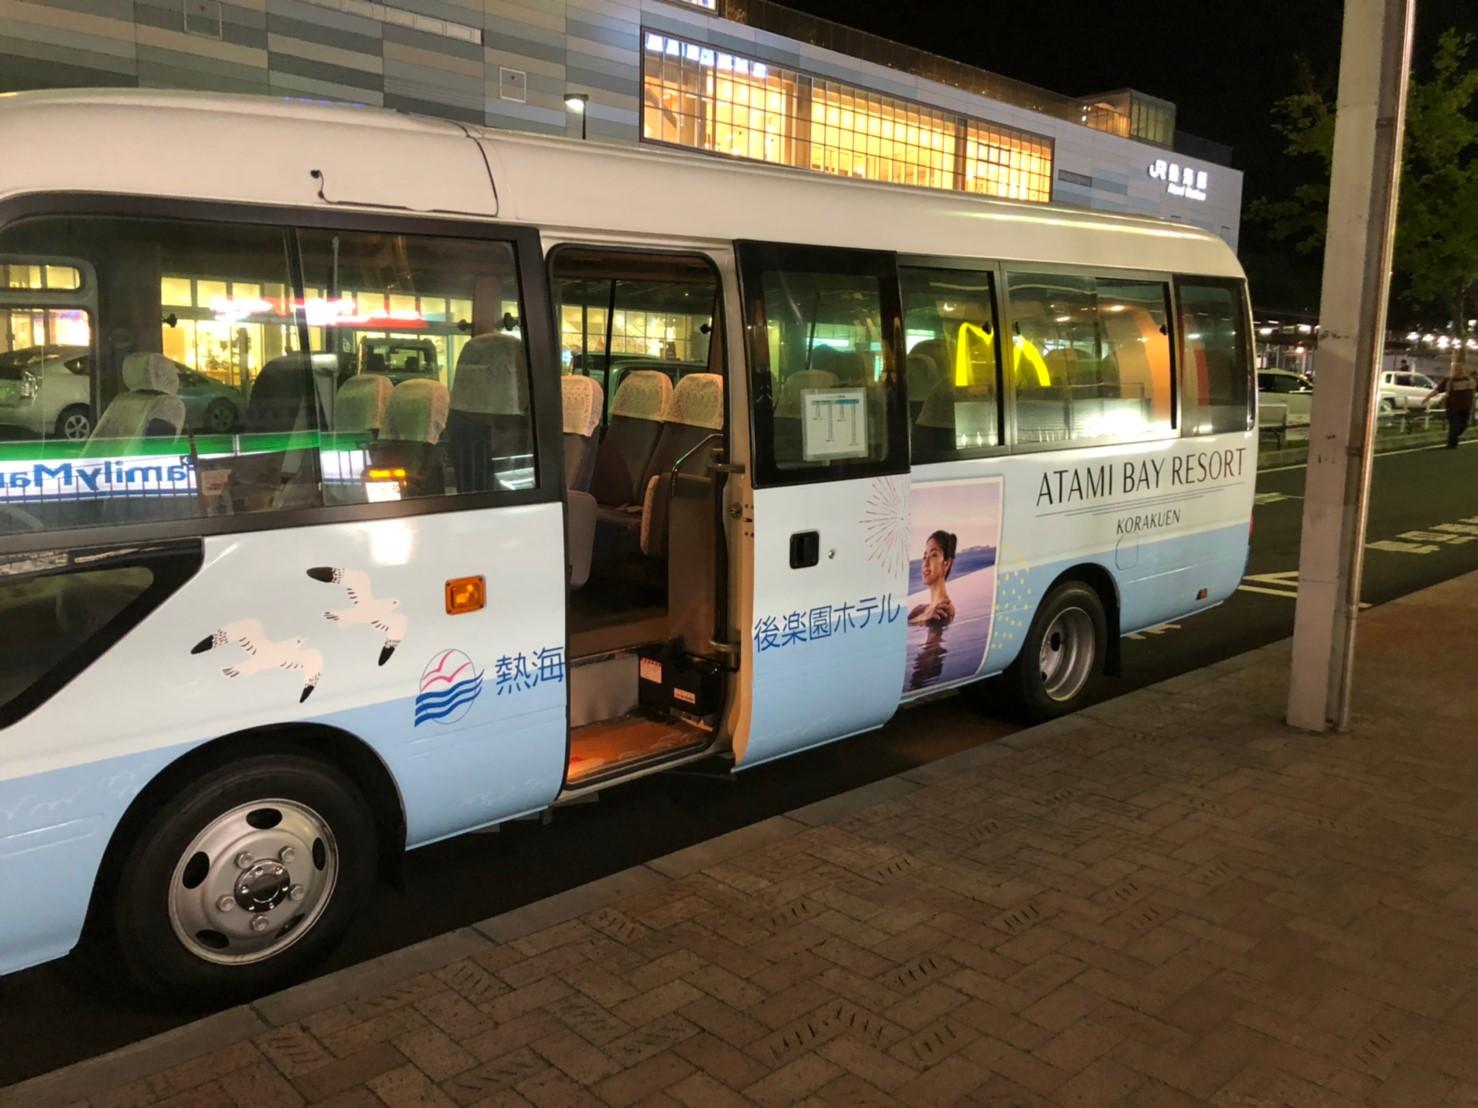 『熱海ベイリゾート後楽園スパFuua』に行くためのバス